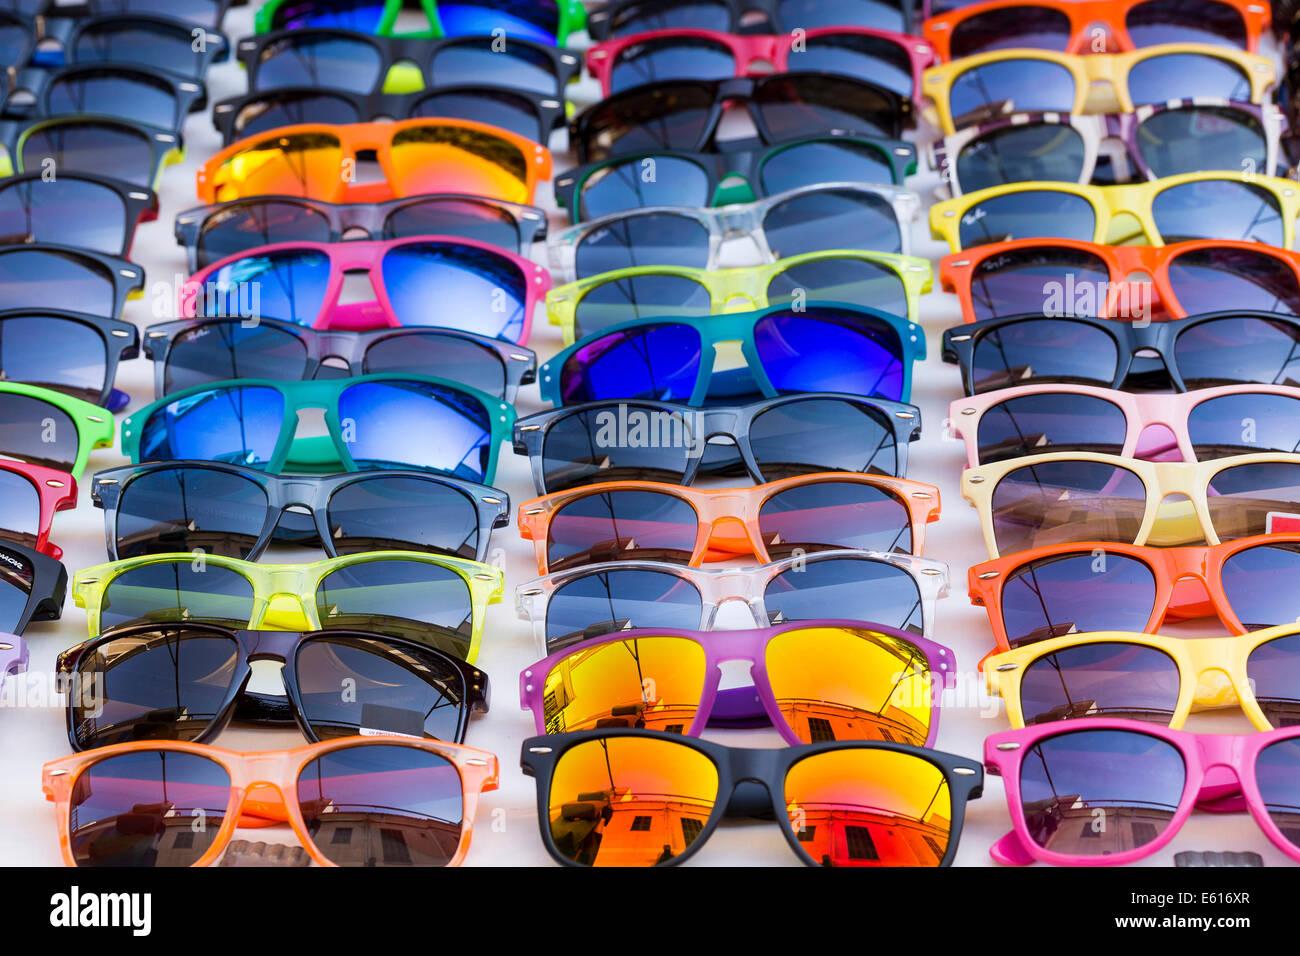 Gafas de sol para la venta, mercado semanal, Santanyi, Mallorca, Islas Baleares, España Imagen De Stock